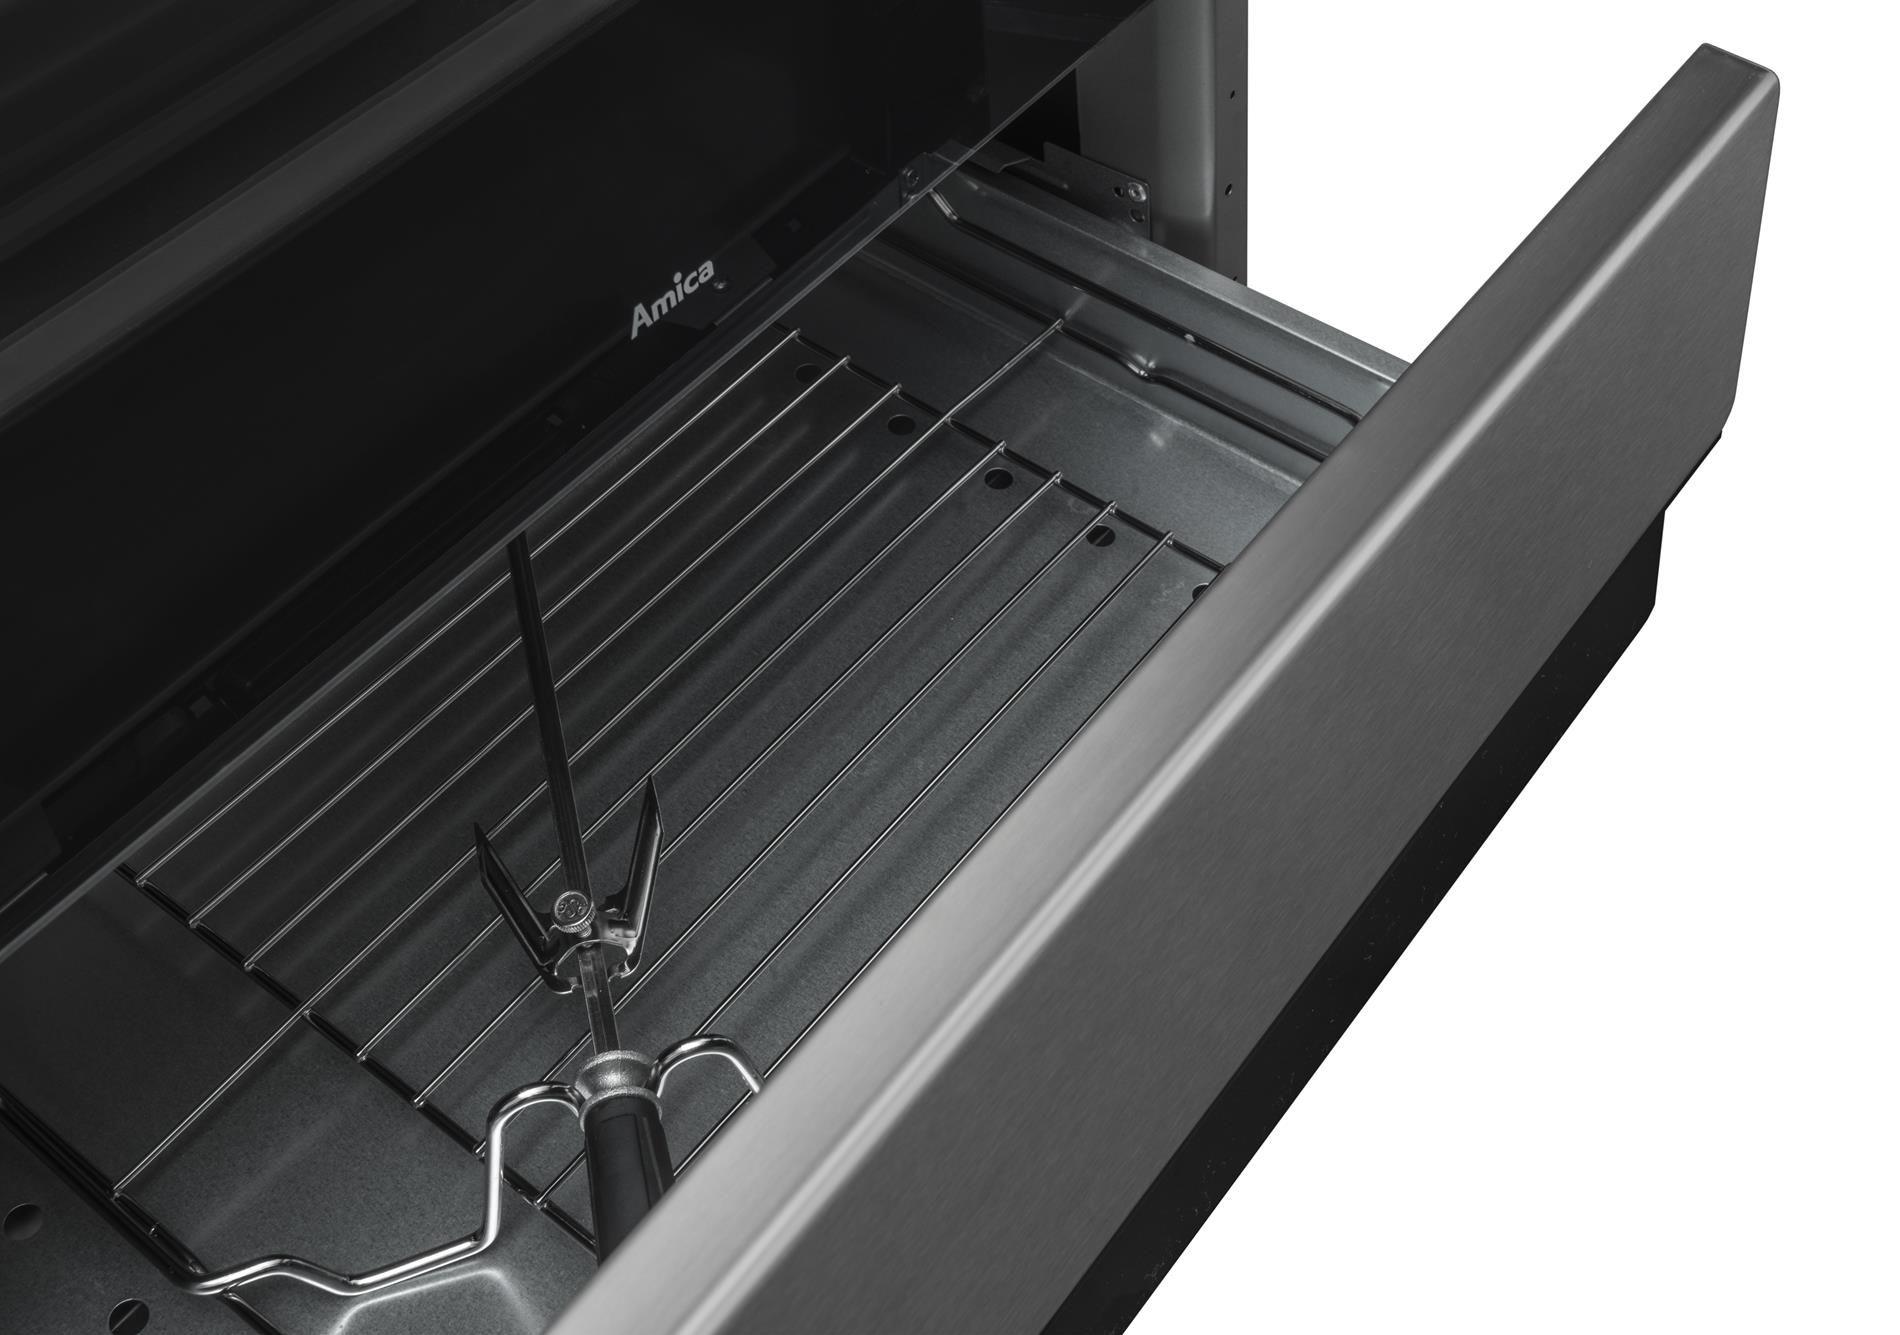 Free standing gas electric cooker 58GED3 33HZpTaDNAQ(Xx   -> Kuchnie Gazowe Amica Akcesoria